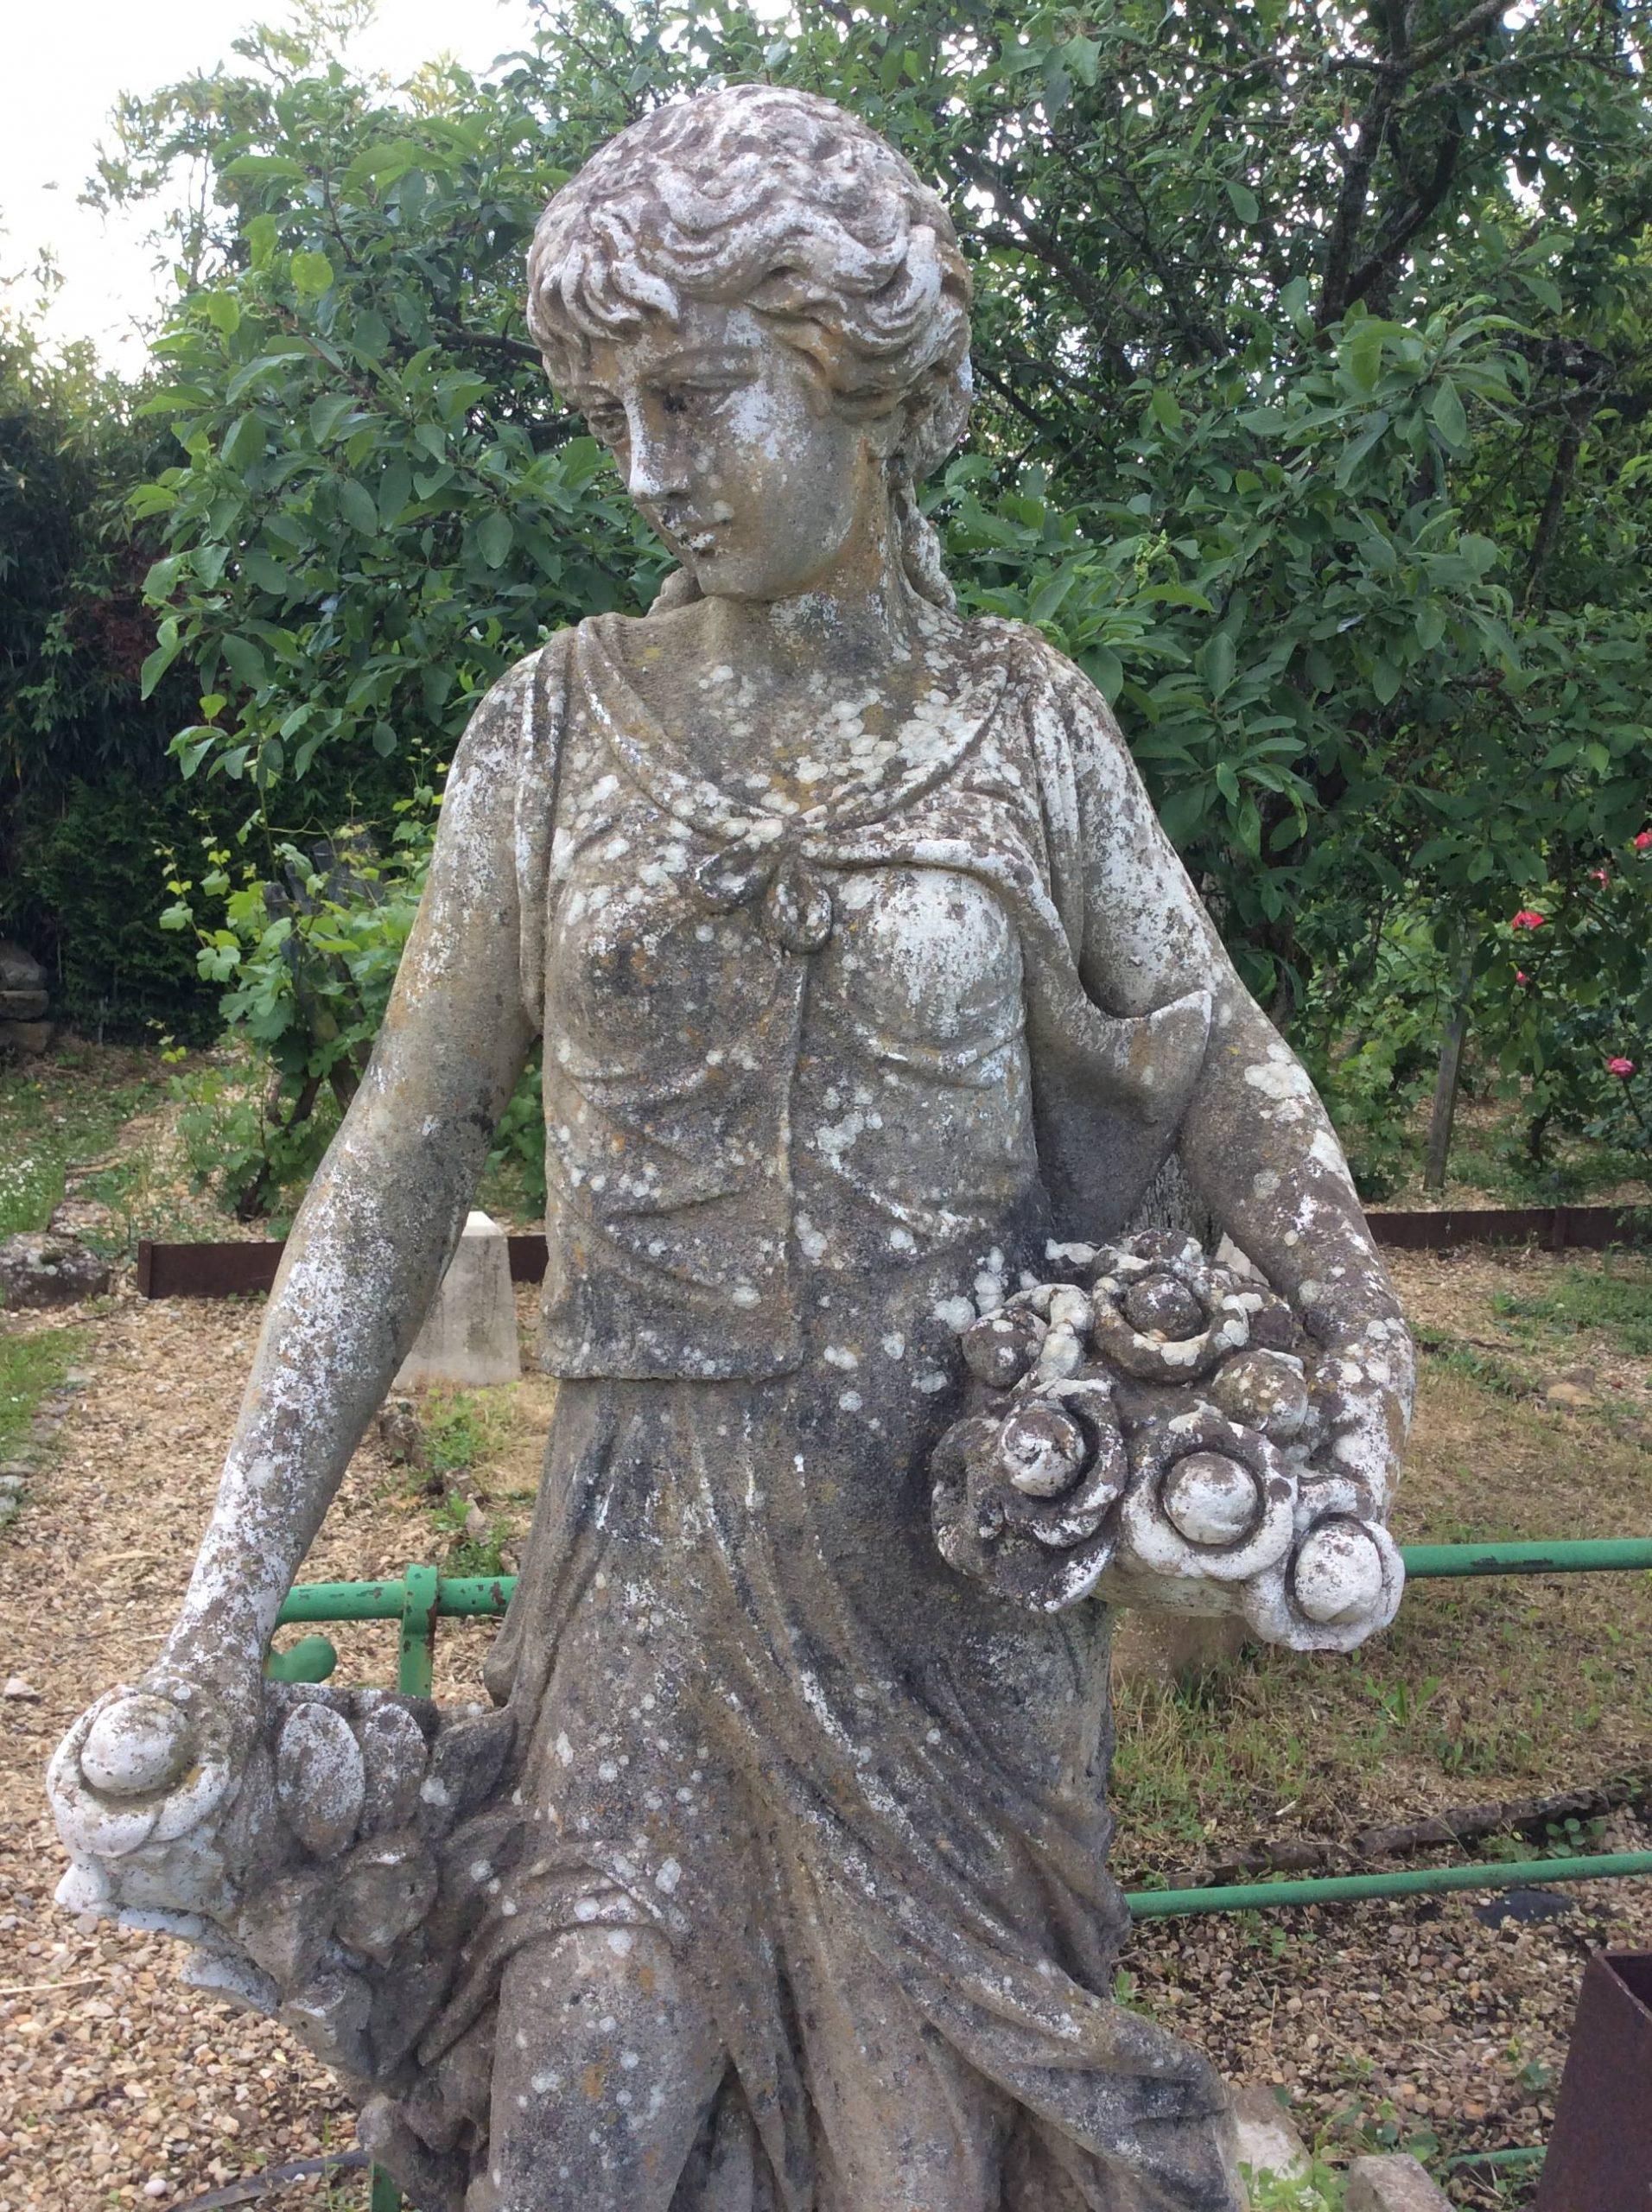 Catalogue D'ornement De Jardin. Contient Plusieurs Dizaines ... tout Statue De Jardin En Pierre Reconstituée